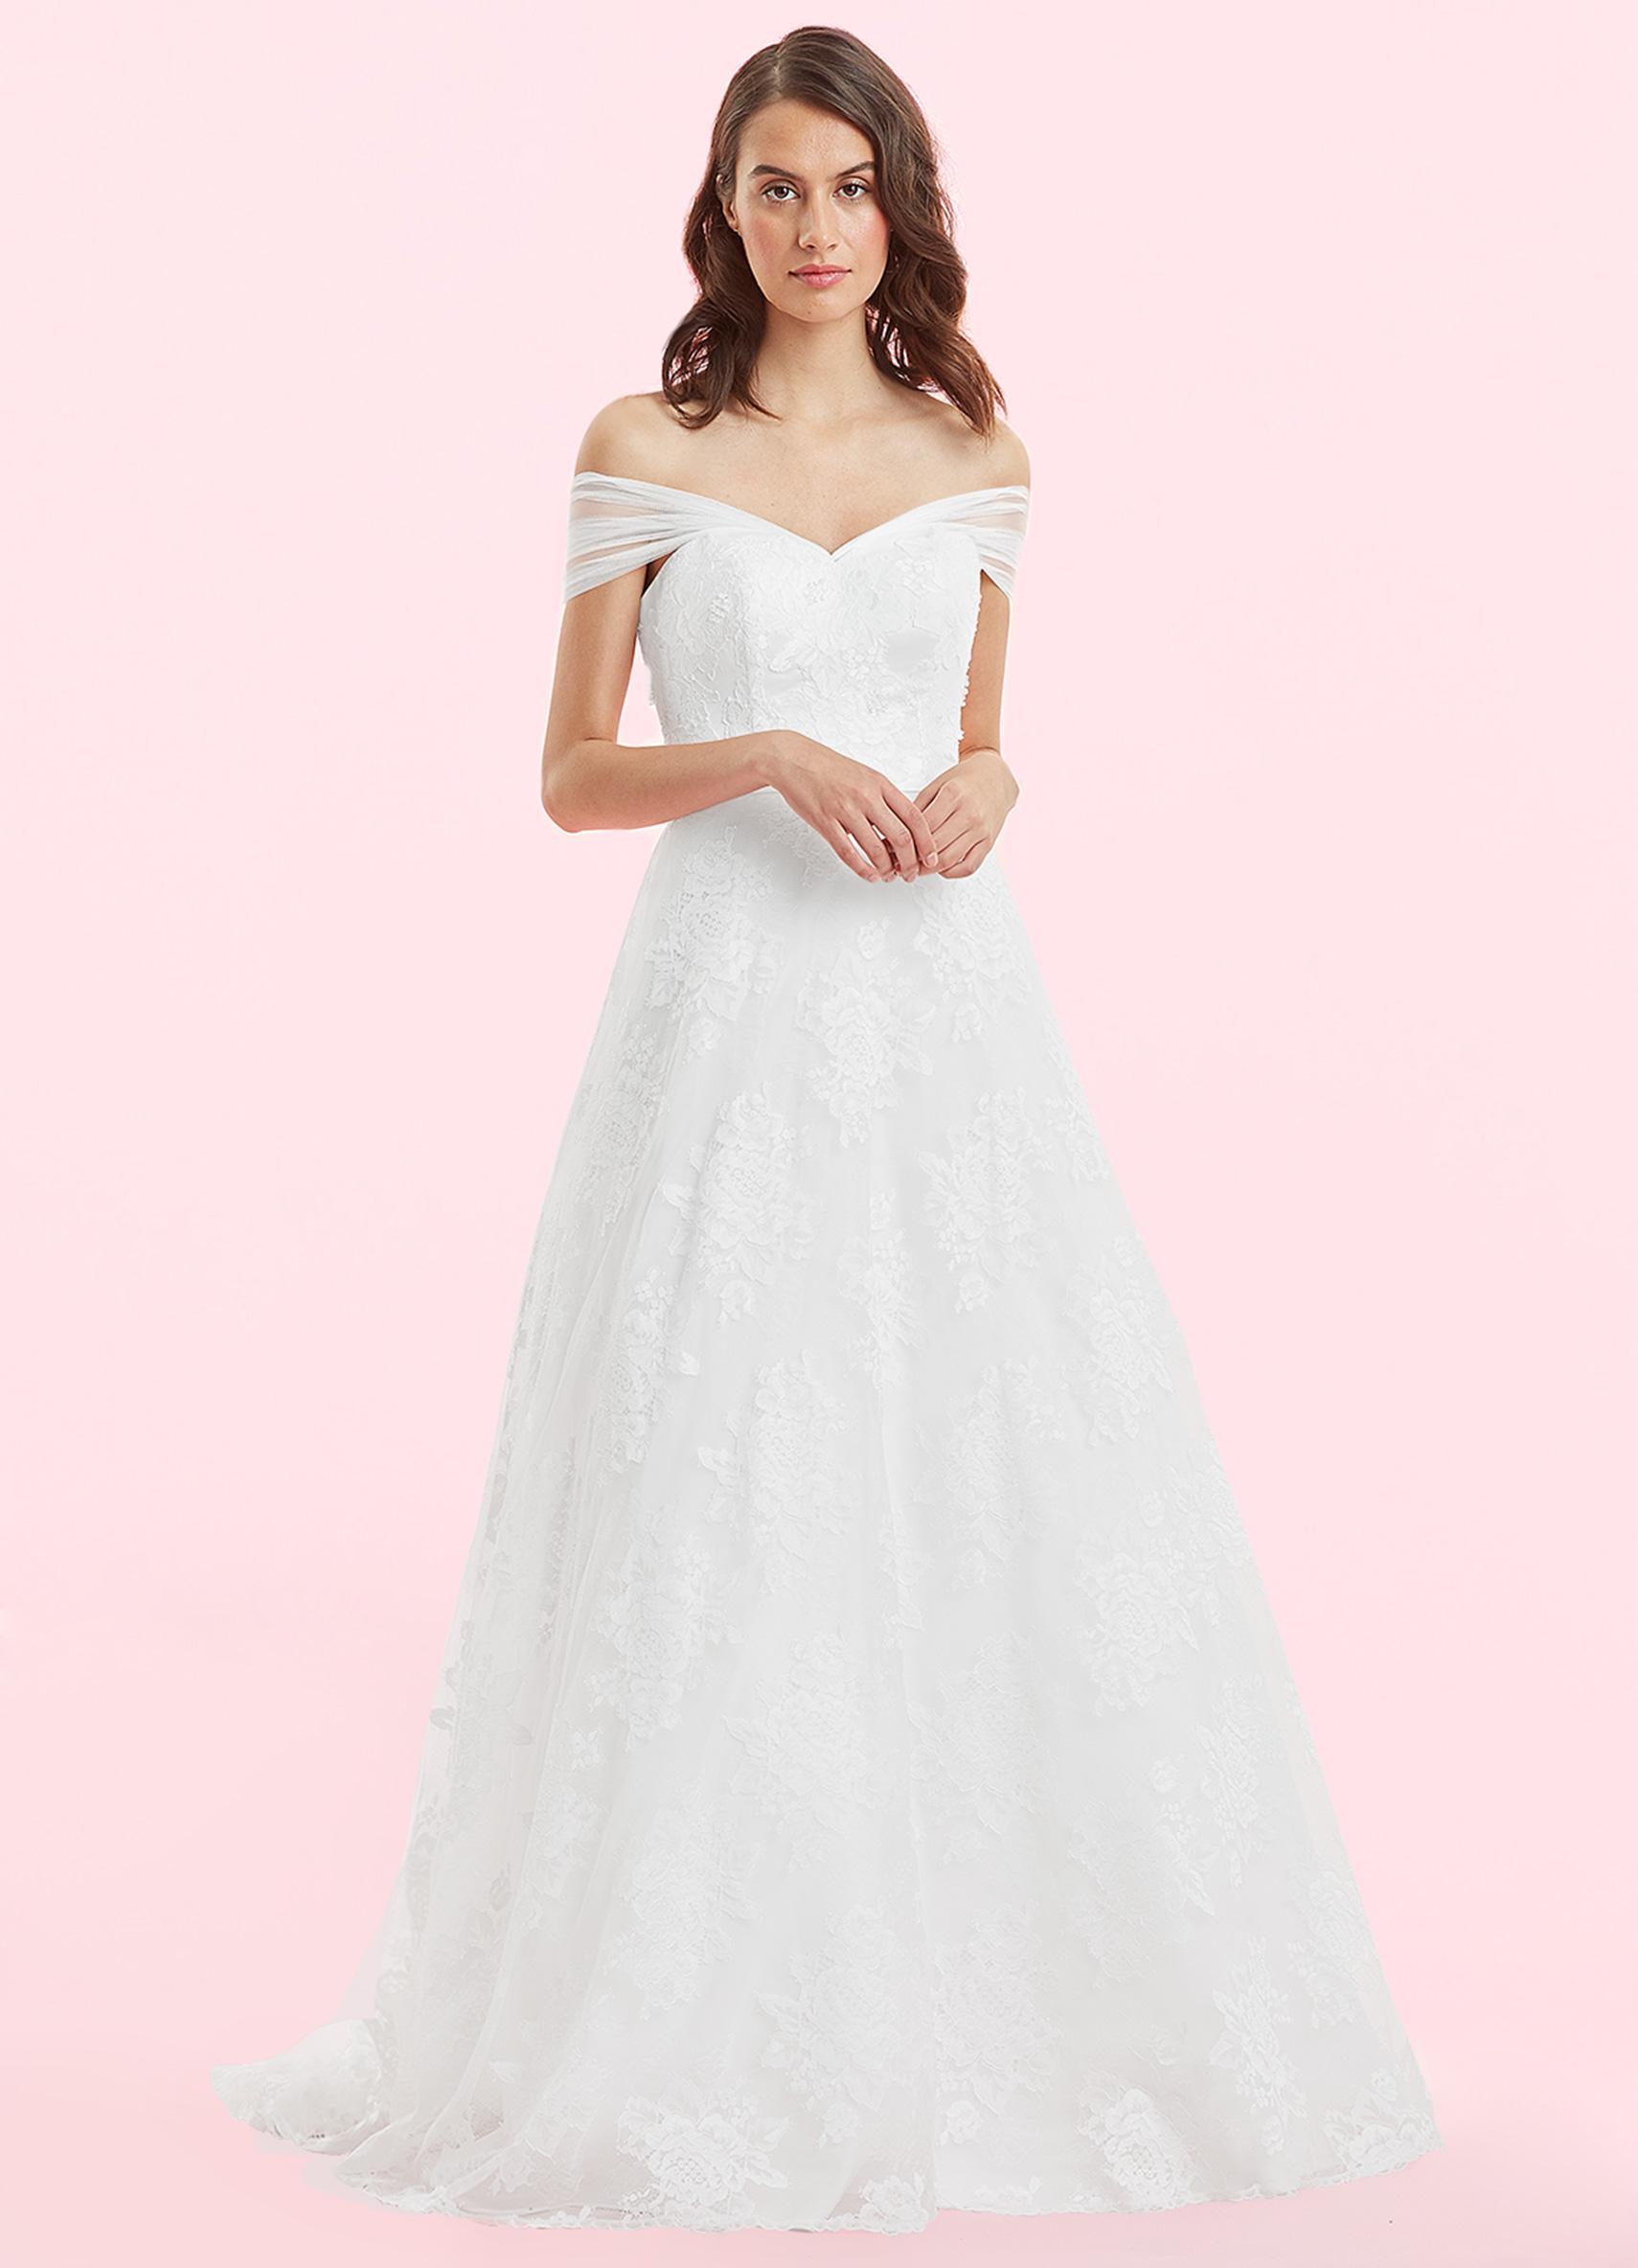 bridal, fashion, wedding, dress, gown, bride, affordable, dreamy, romantic